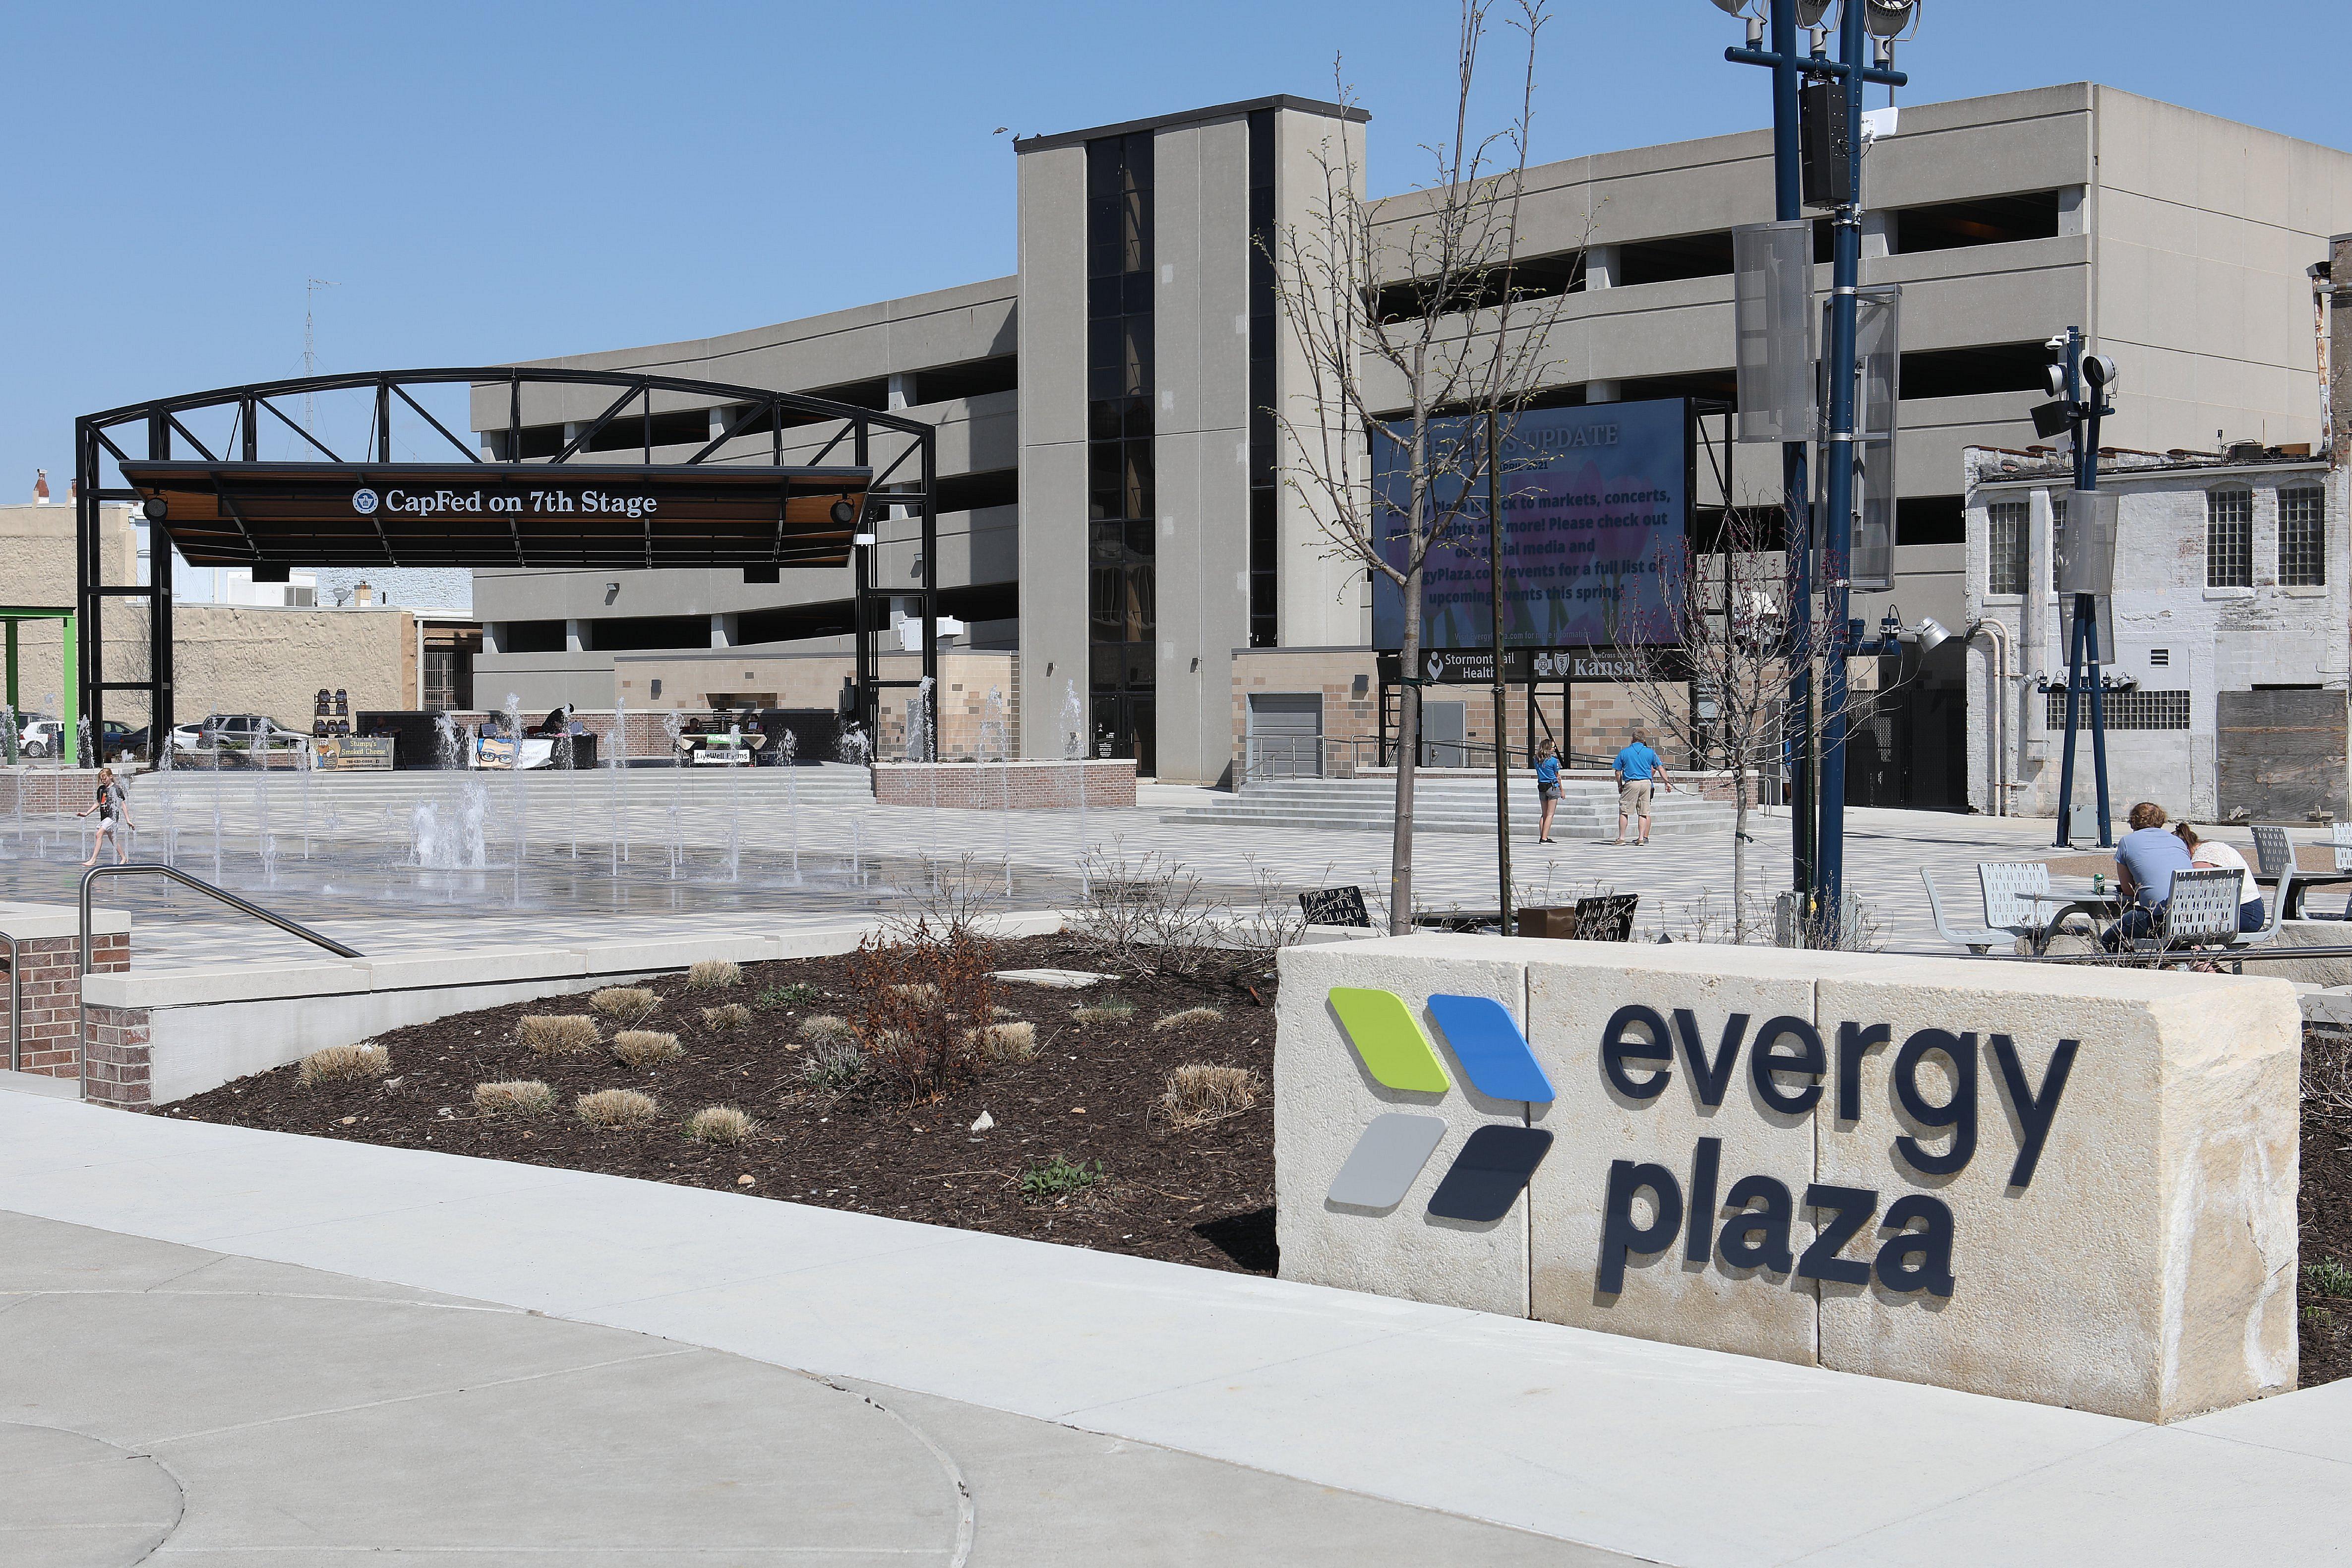 Evergy Plaza's Market Mondays enter third week